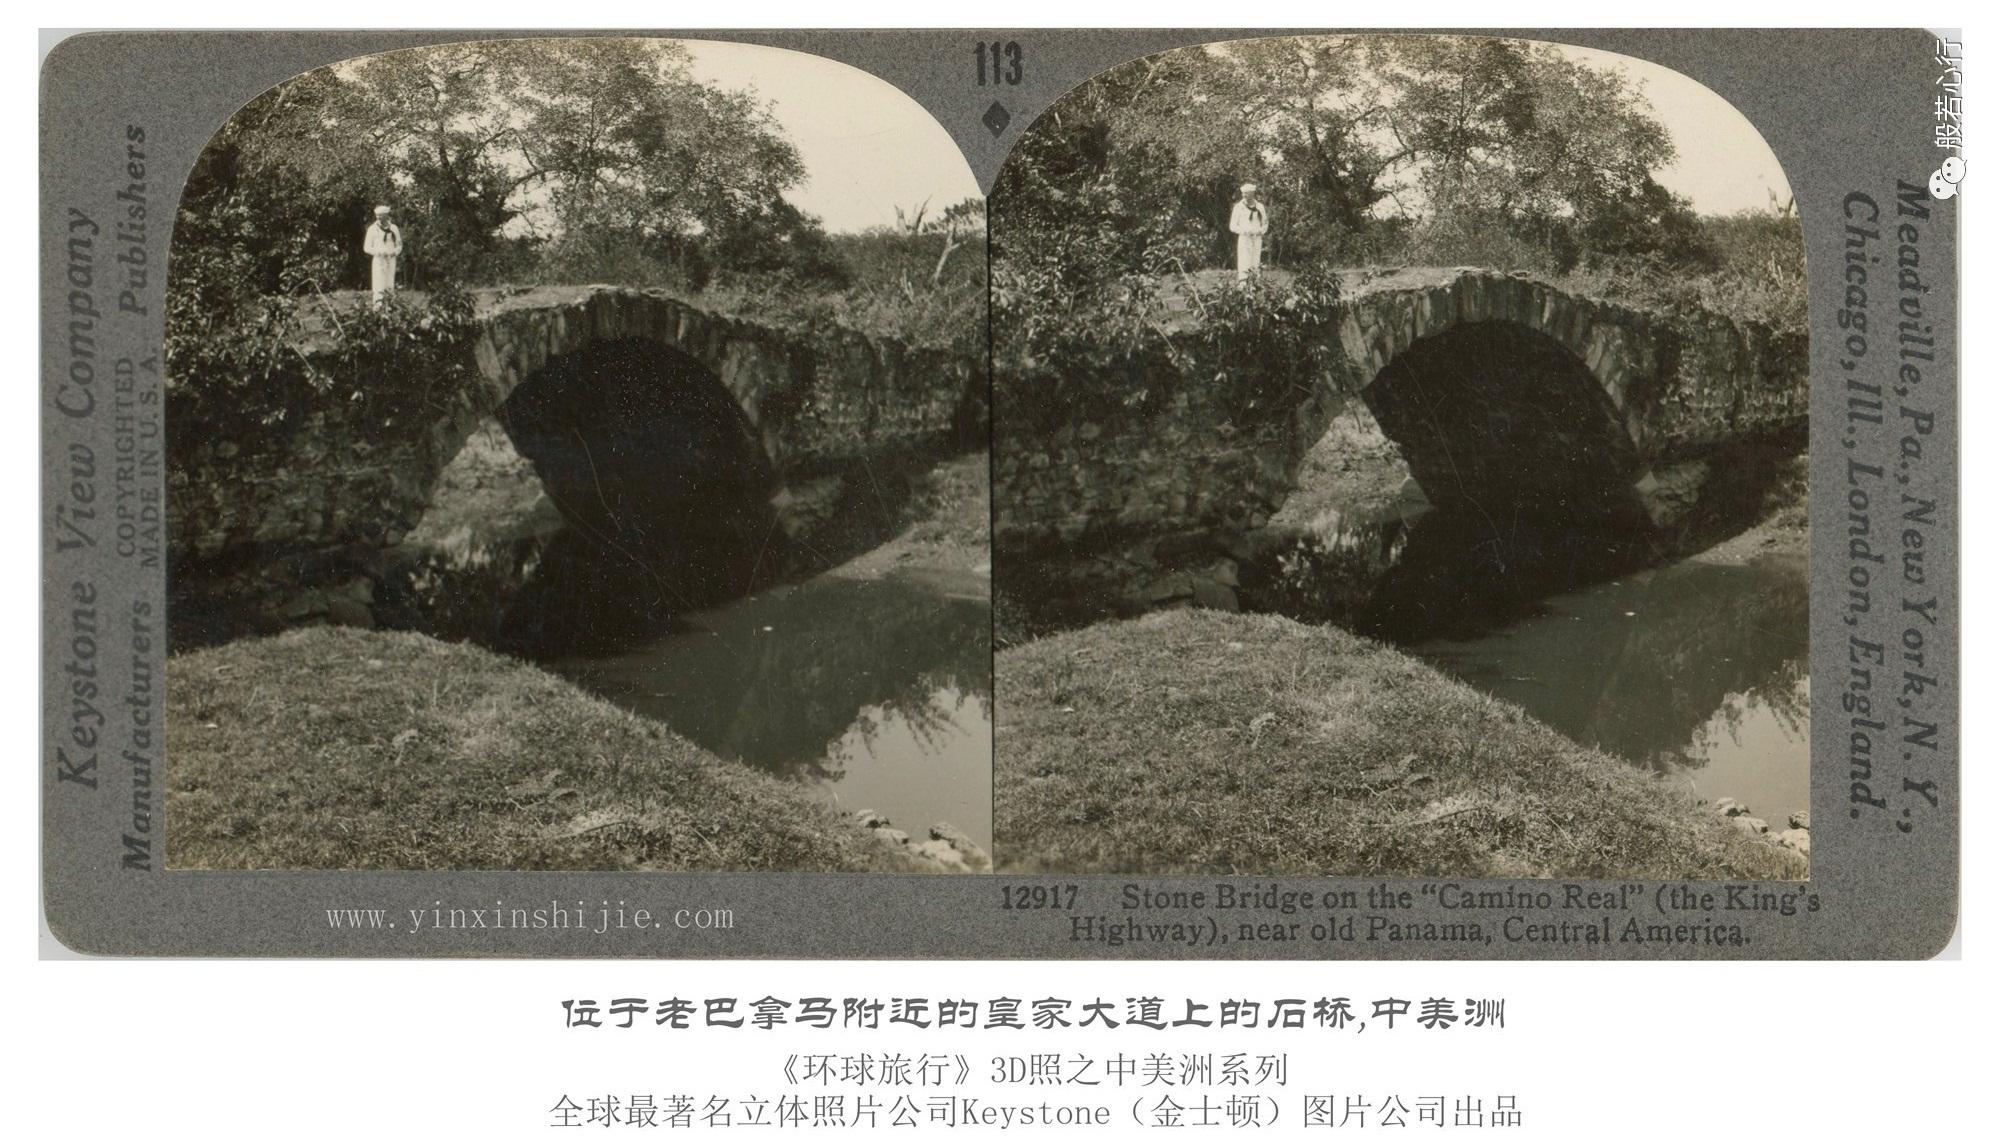 位于老巴拿马附近的皇家大道上的石桥,中美洲-1936年3D版《环球旅行》立体照片